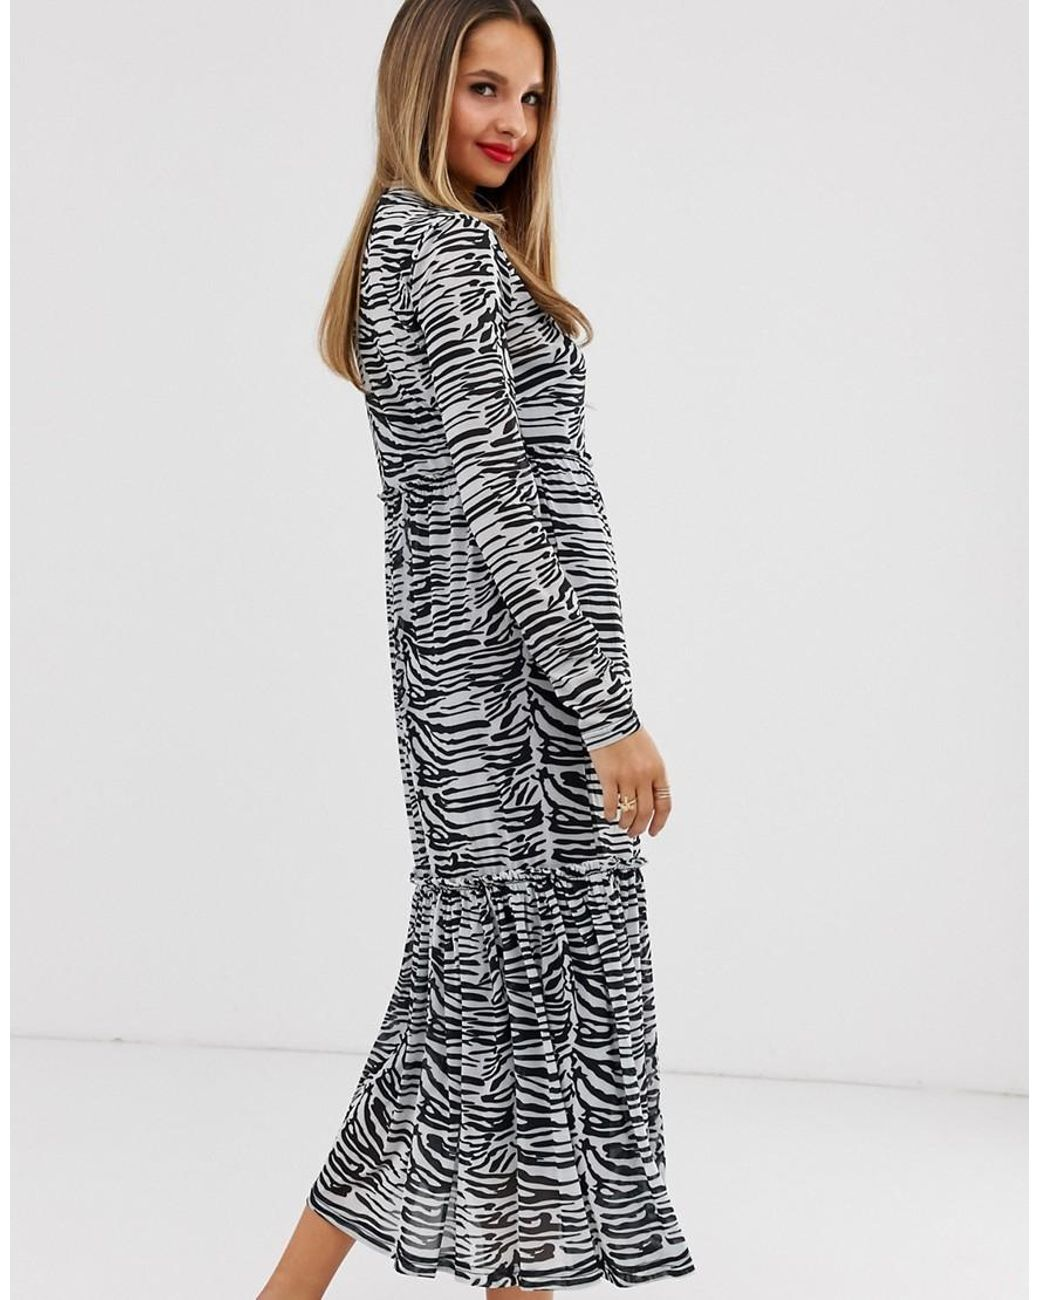 b70a8f72f5099 Vila Zebra Print Mesh Midi Dress - Lyst